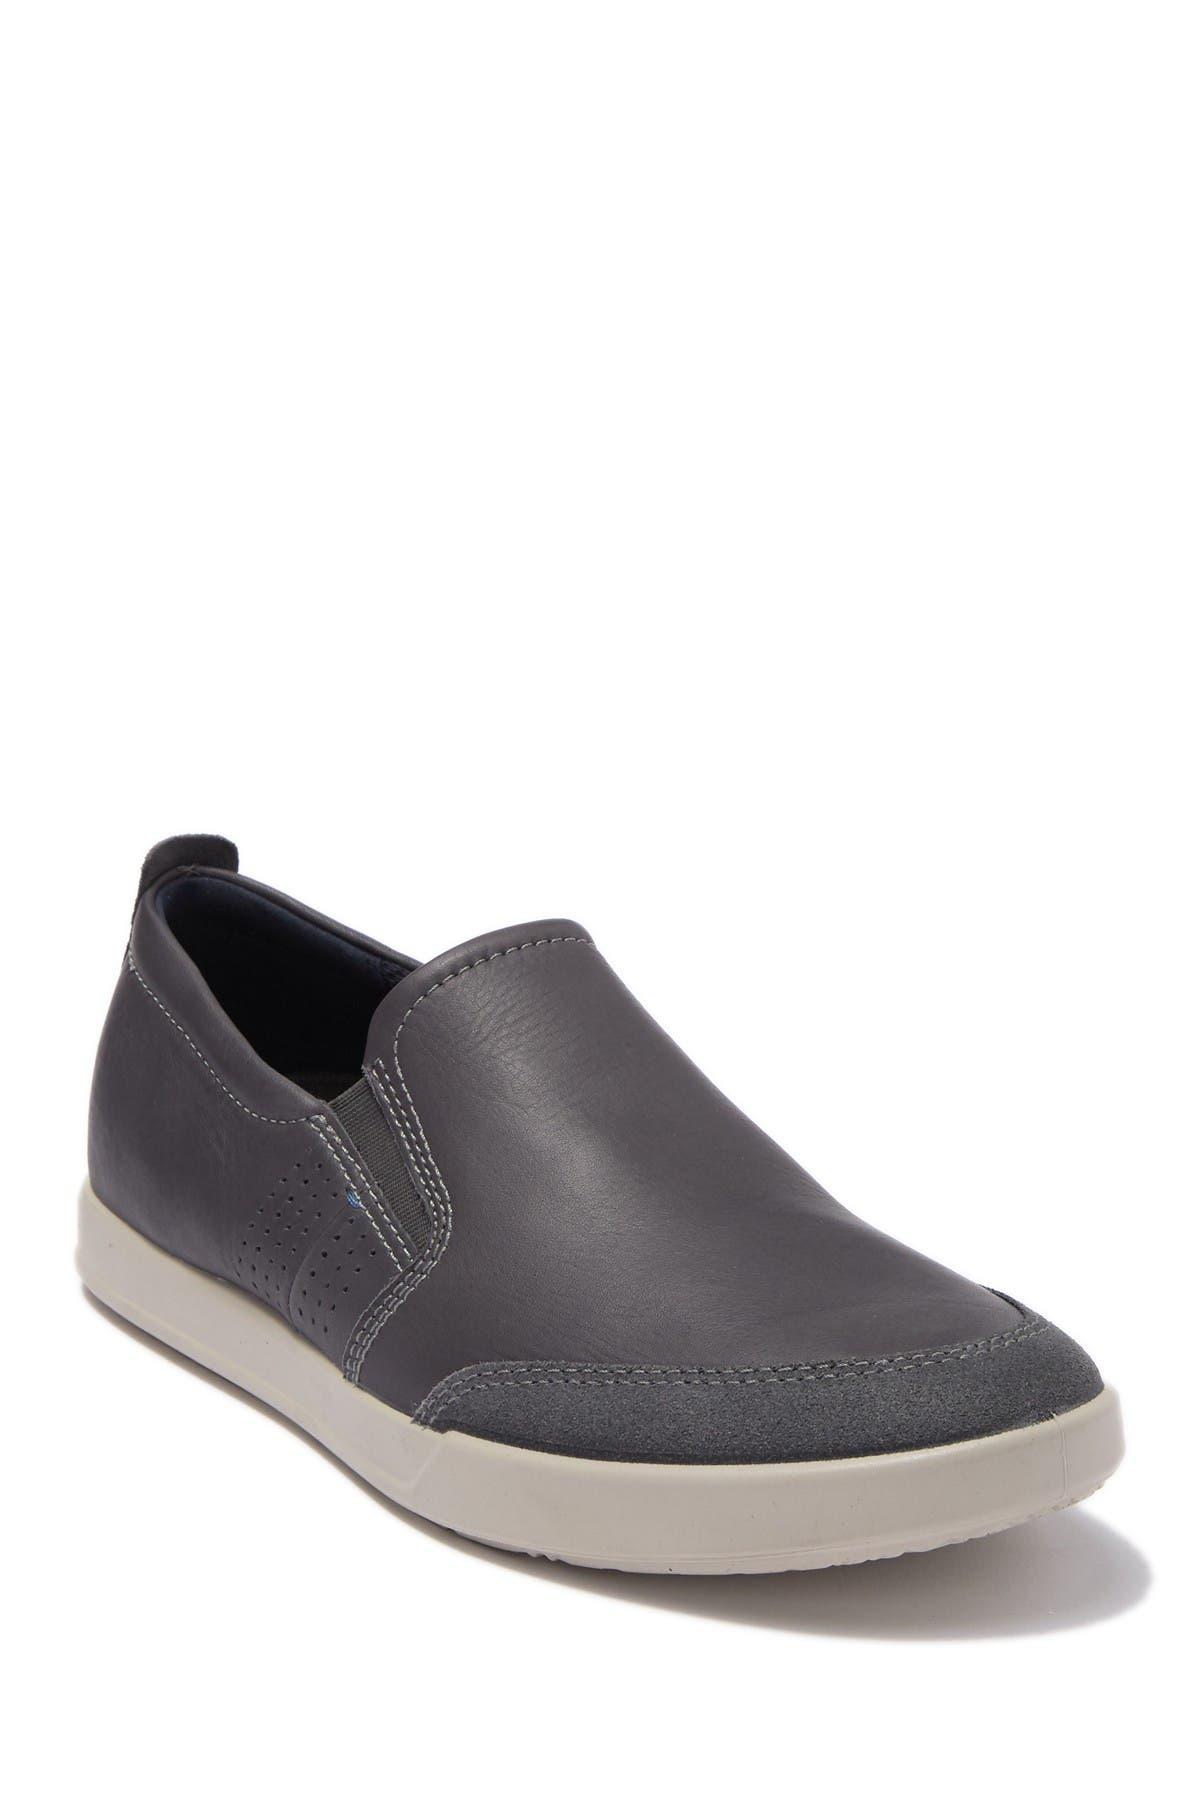 ECCO | Collin 2.0 Slip-On Sneaker